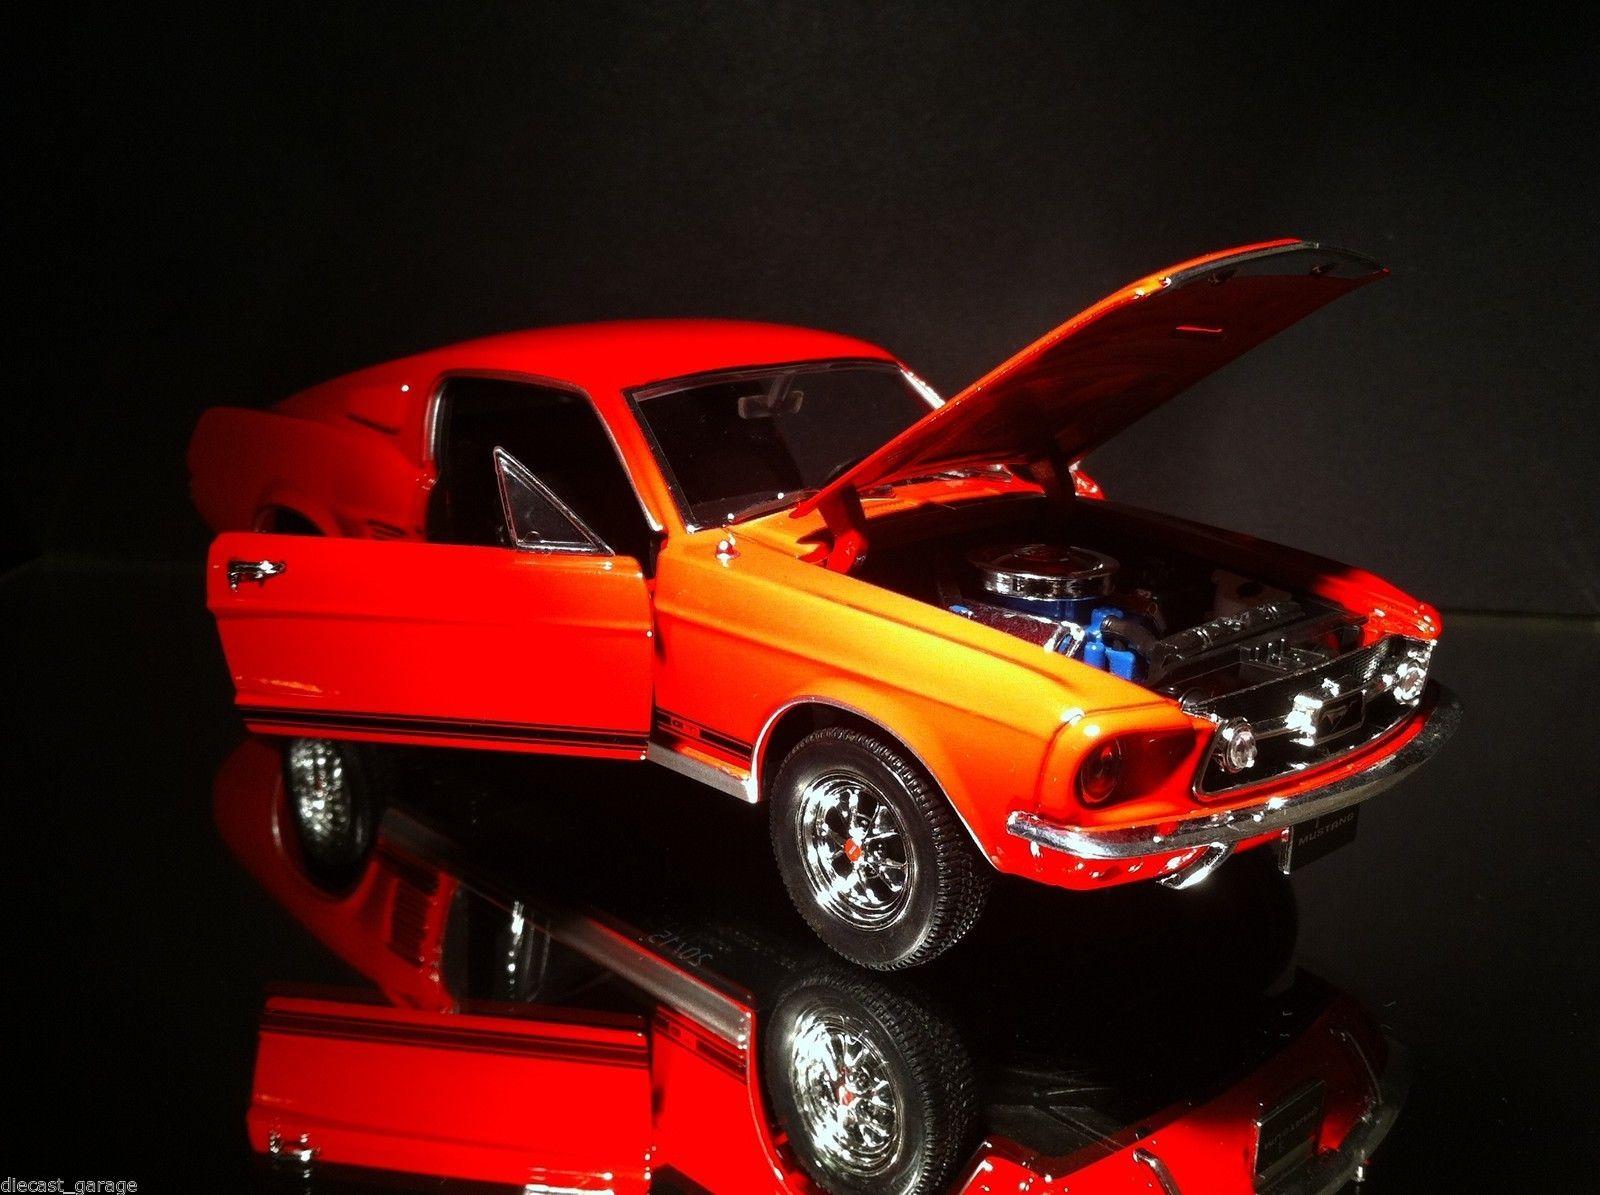 FORD MUSTANG GT 1967 musclecardriftraceEleanordrag